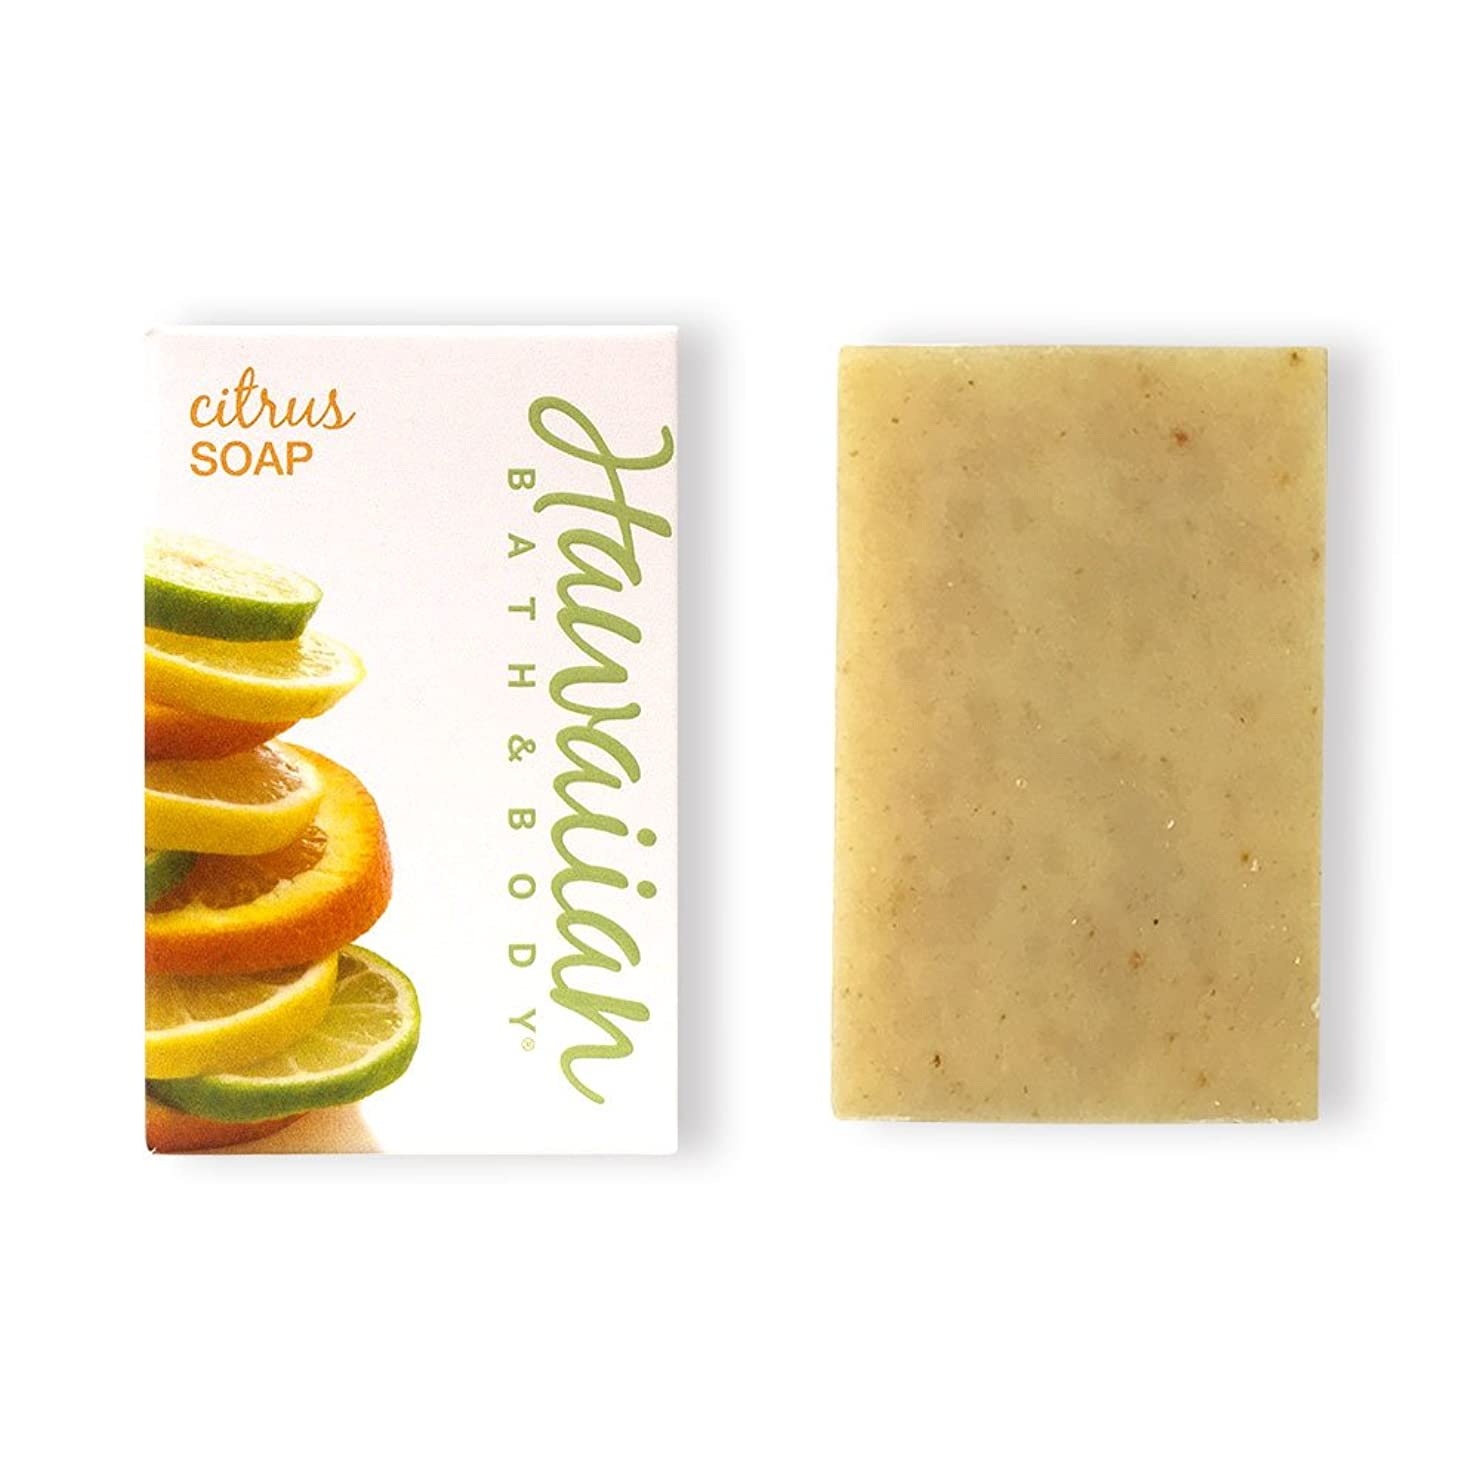 モーターショート高度ハワイアンバス&ボディ ハワイアン?シトラスソープ( Citrus Soap )